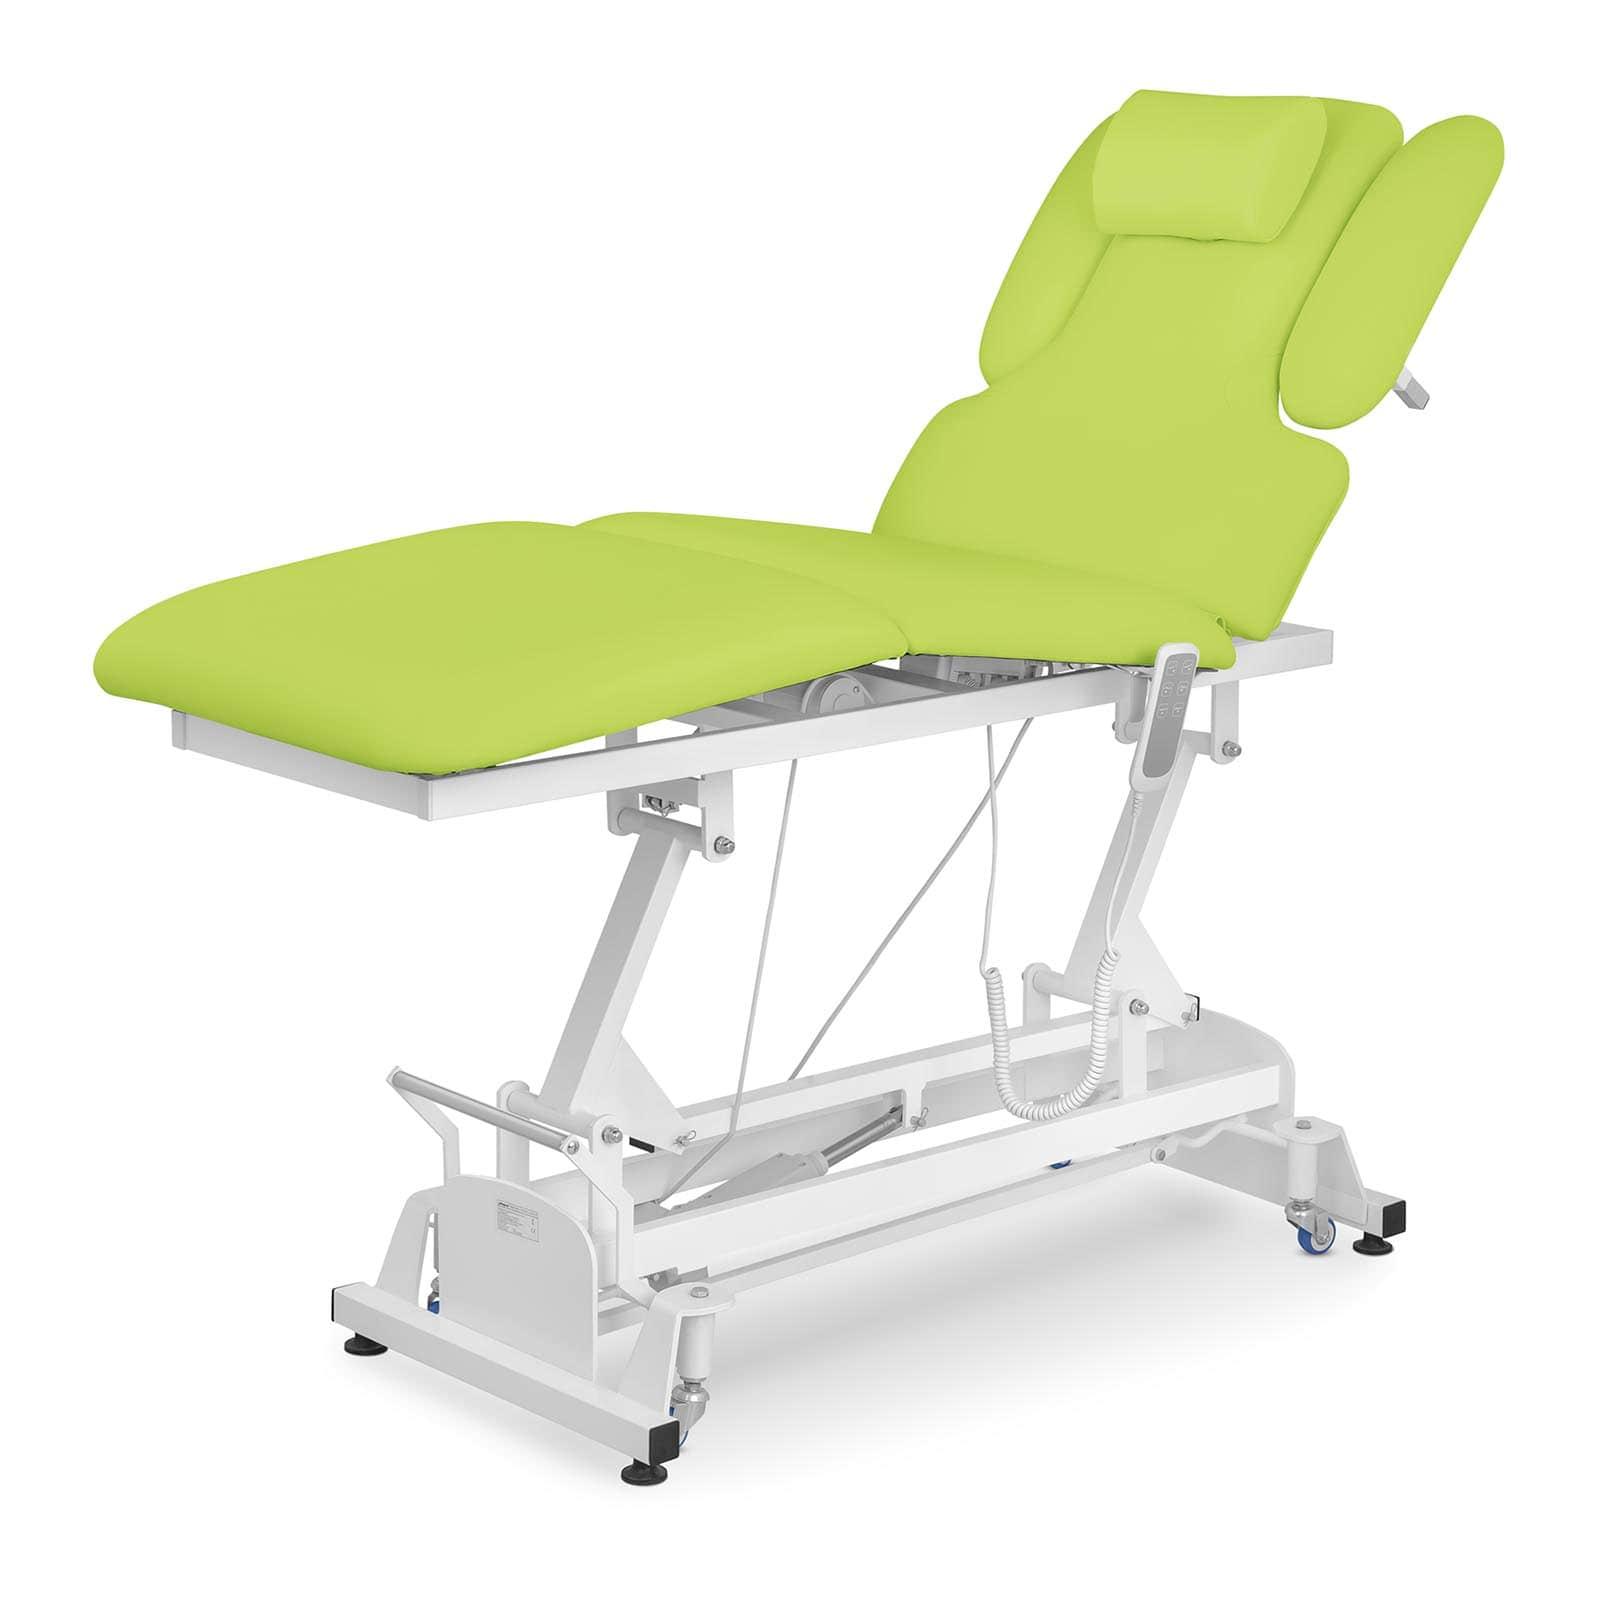 Jasnozielony stół do masażu Nantes - elektryczny